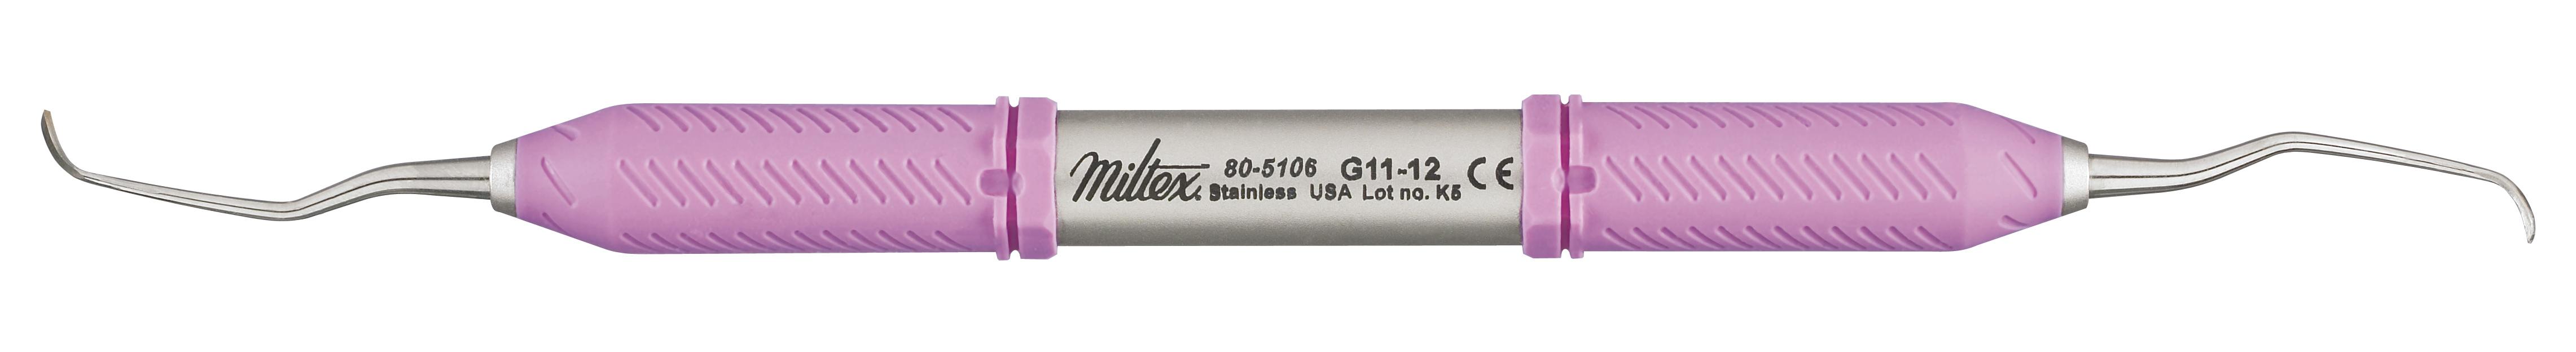 gracey-curette-11-12-griplite-s6-80-5106-miltex.jpg